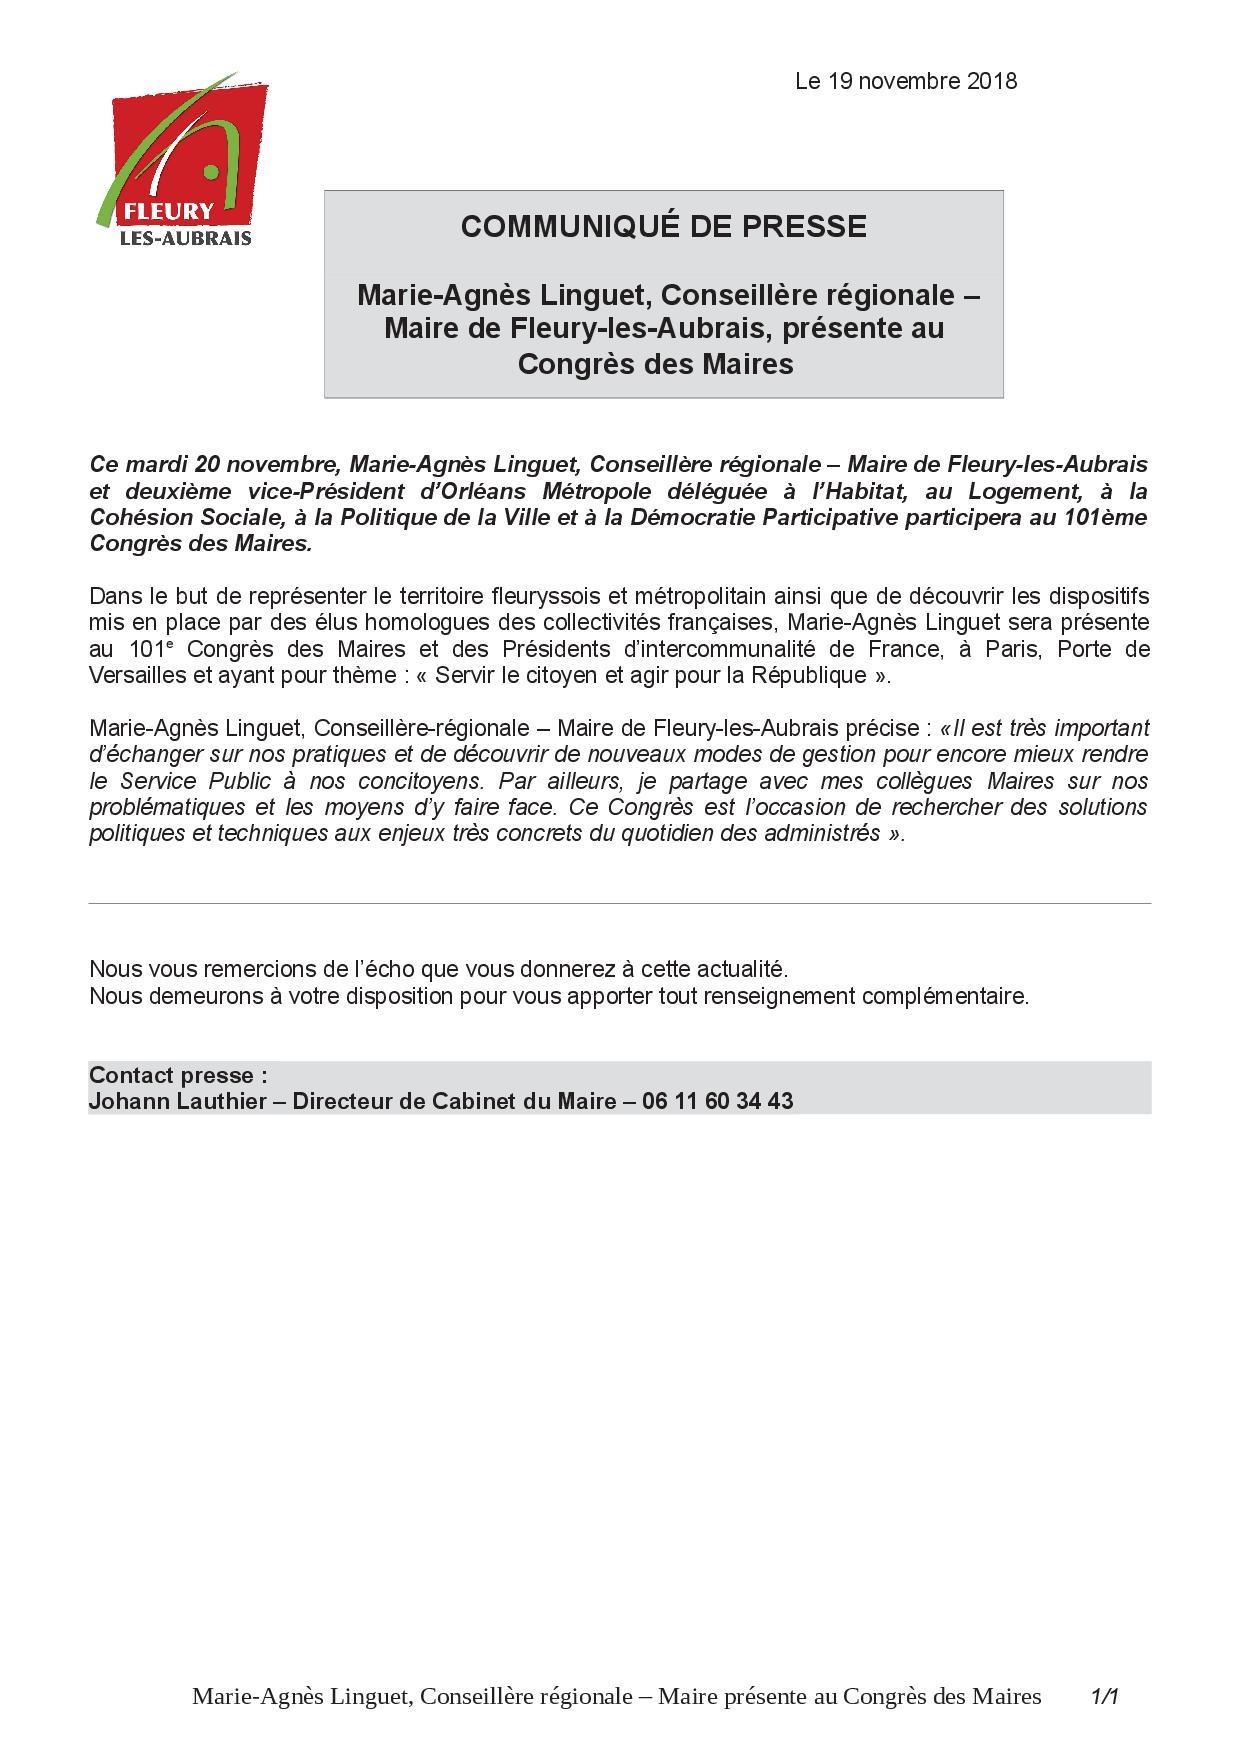 CP Marie-Agnès Linguet présente au Congrès des Maires.jpg